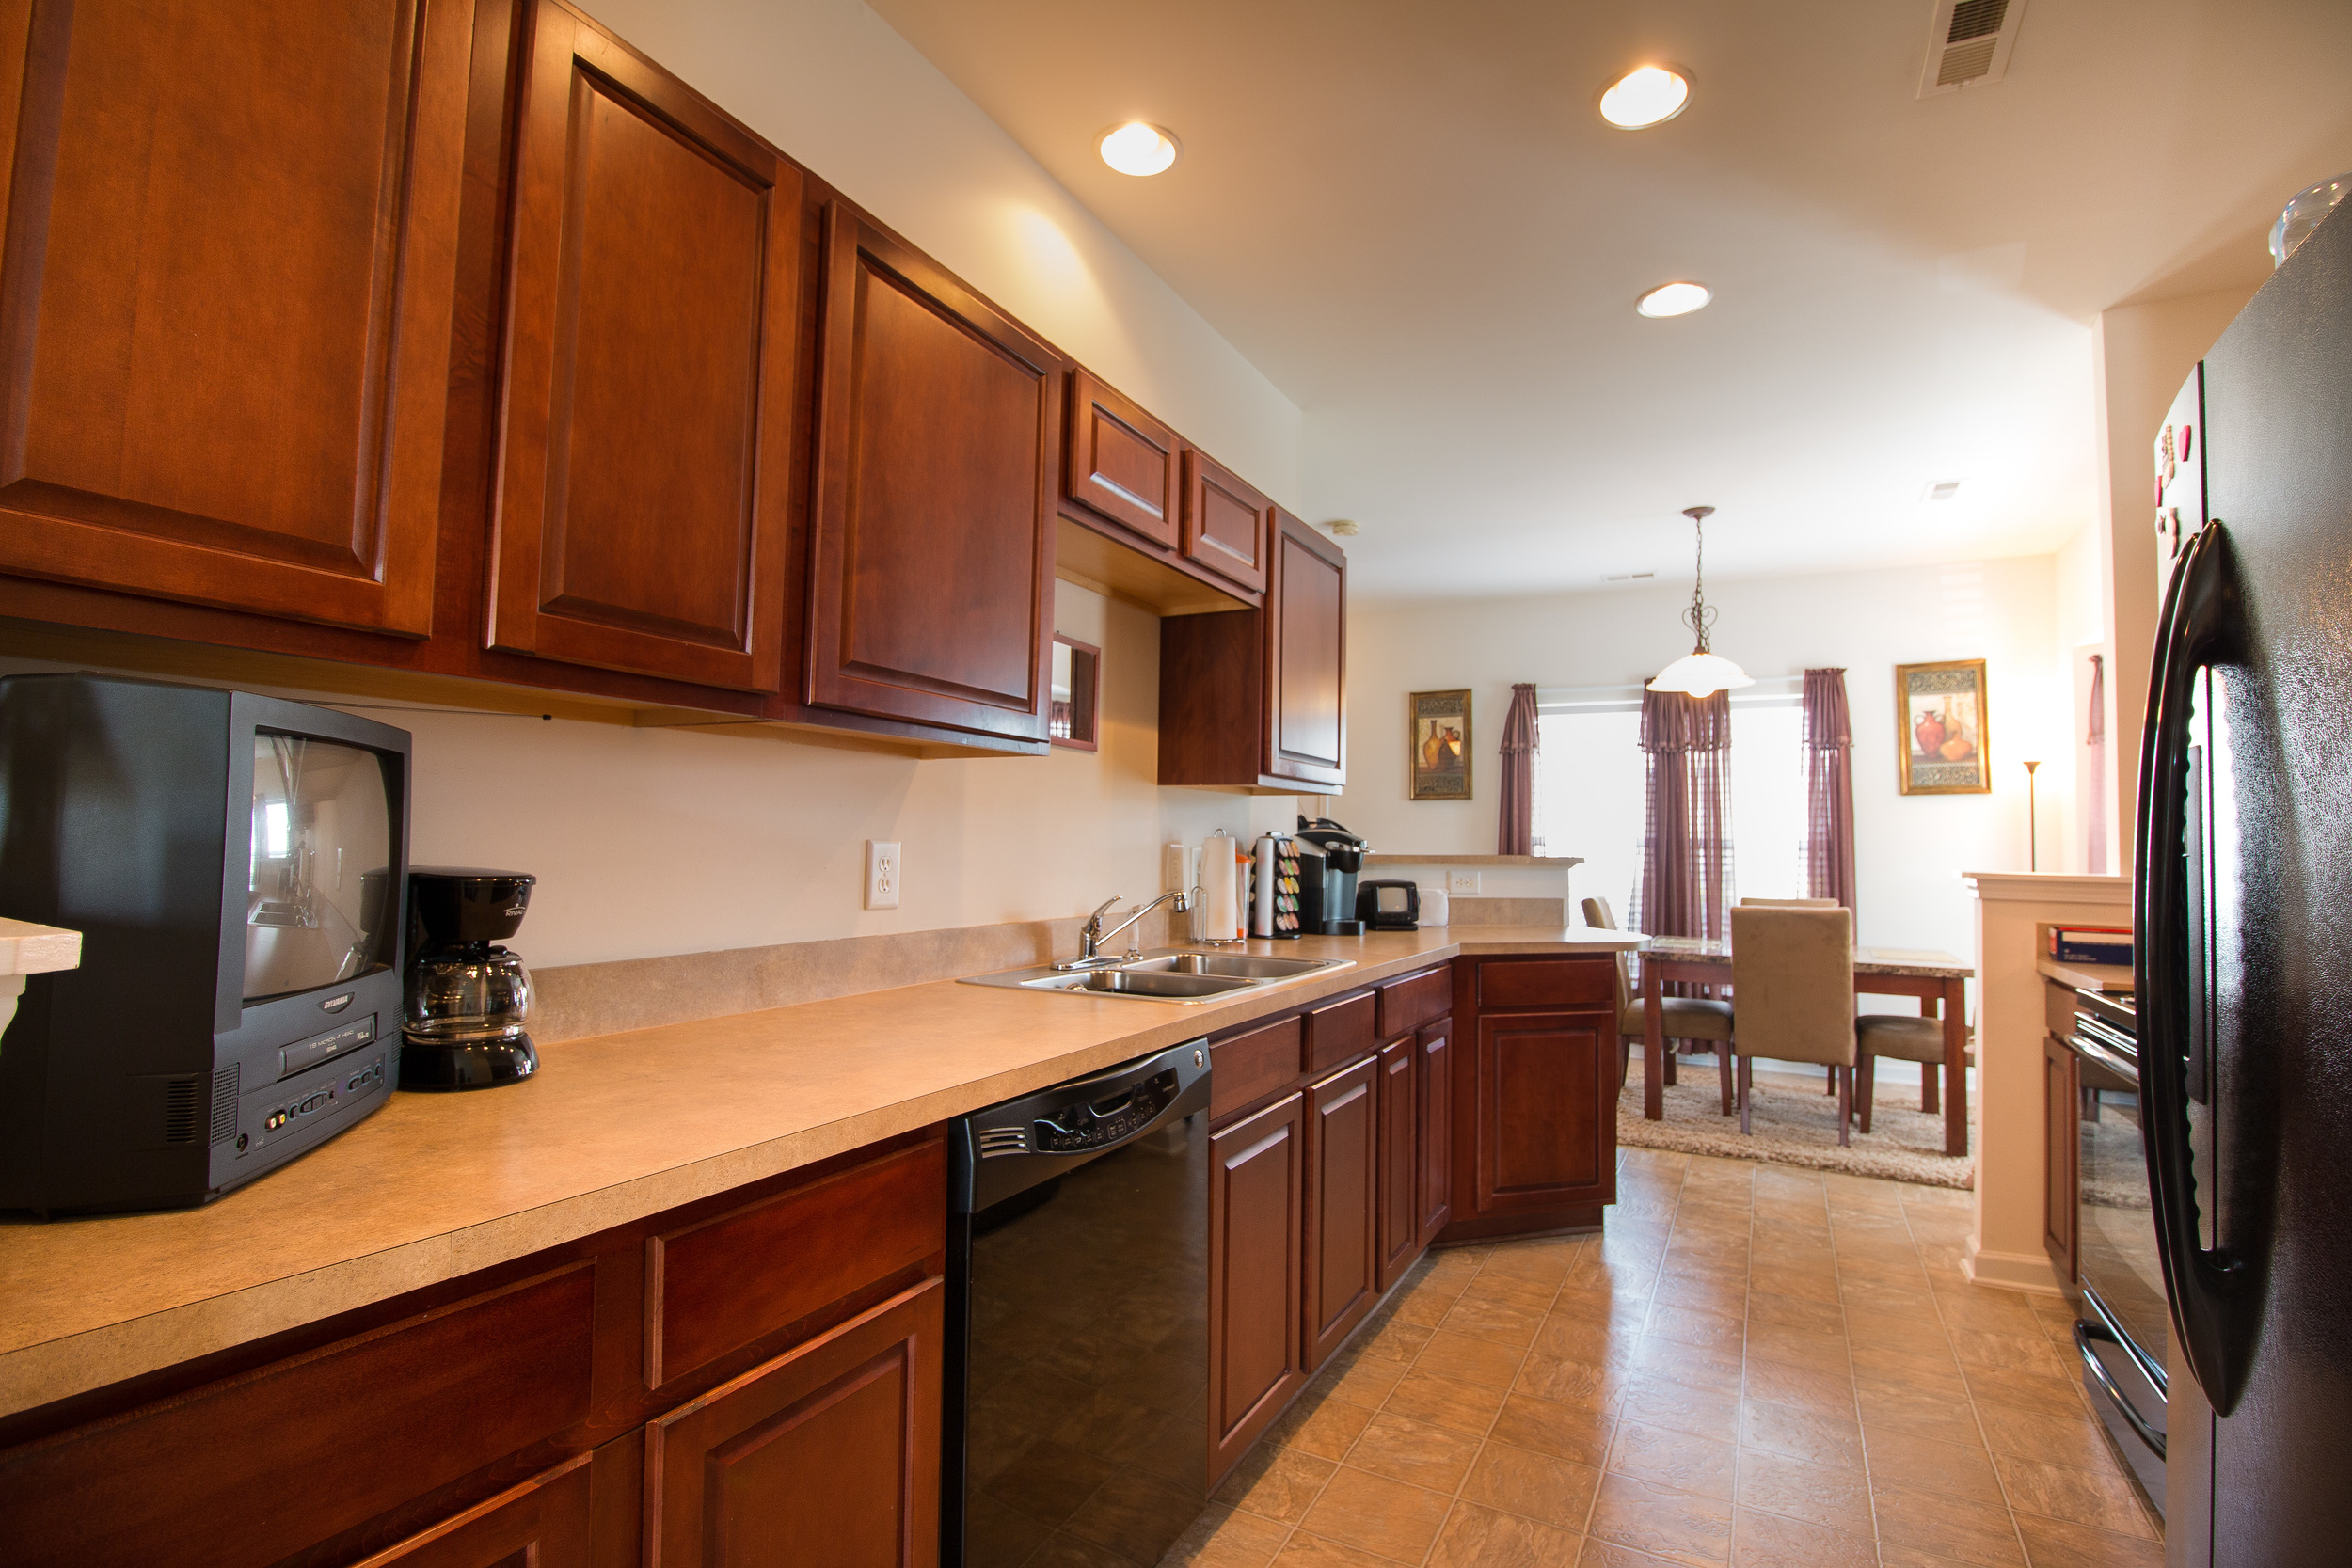 kitchen 2.jpg